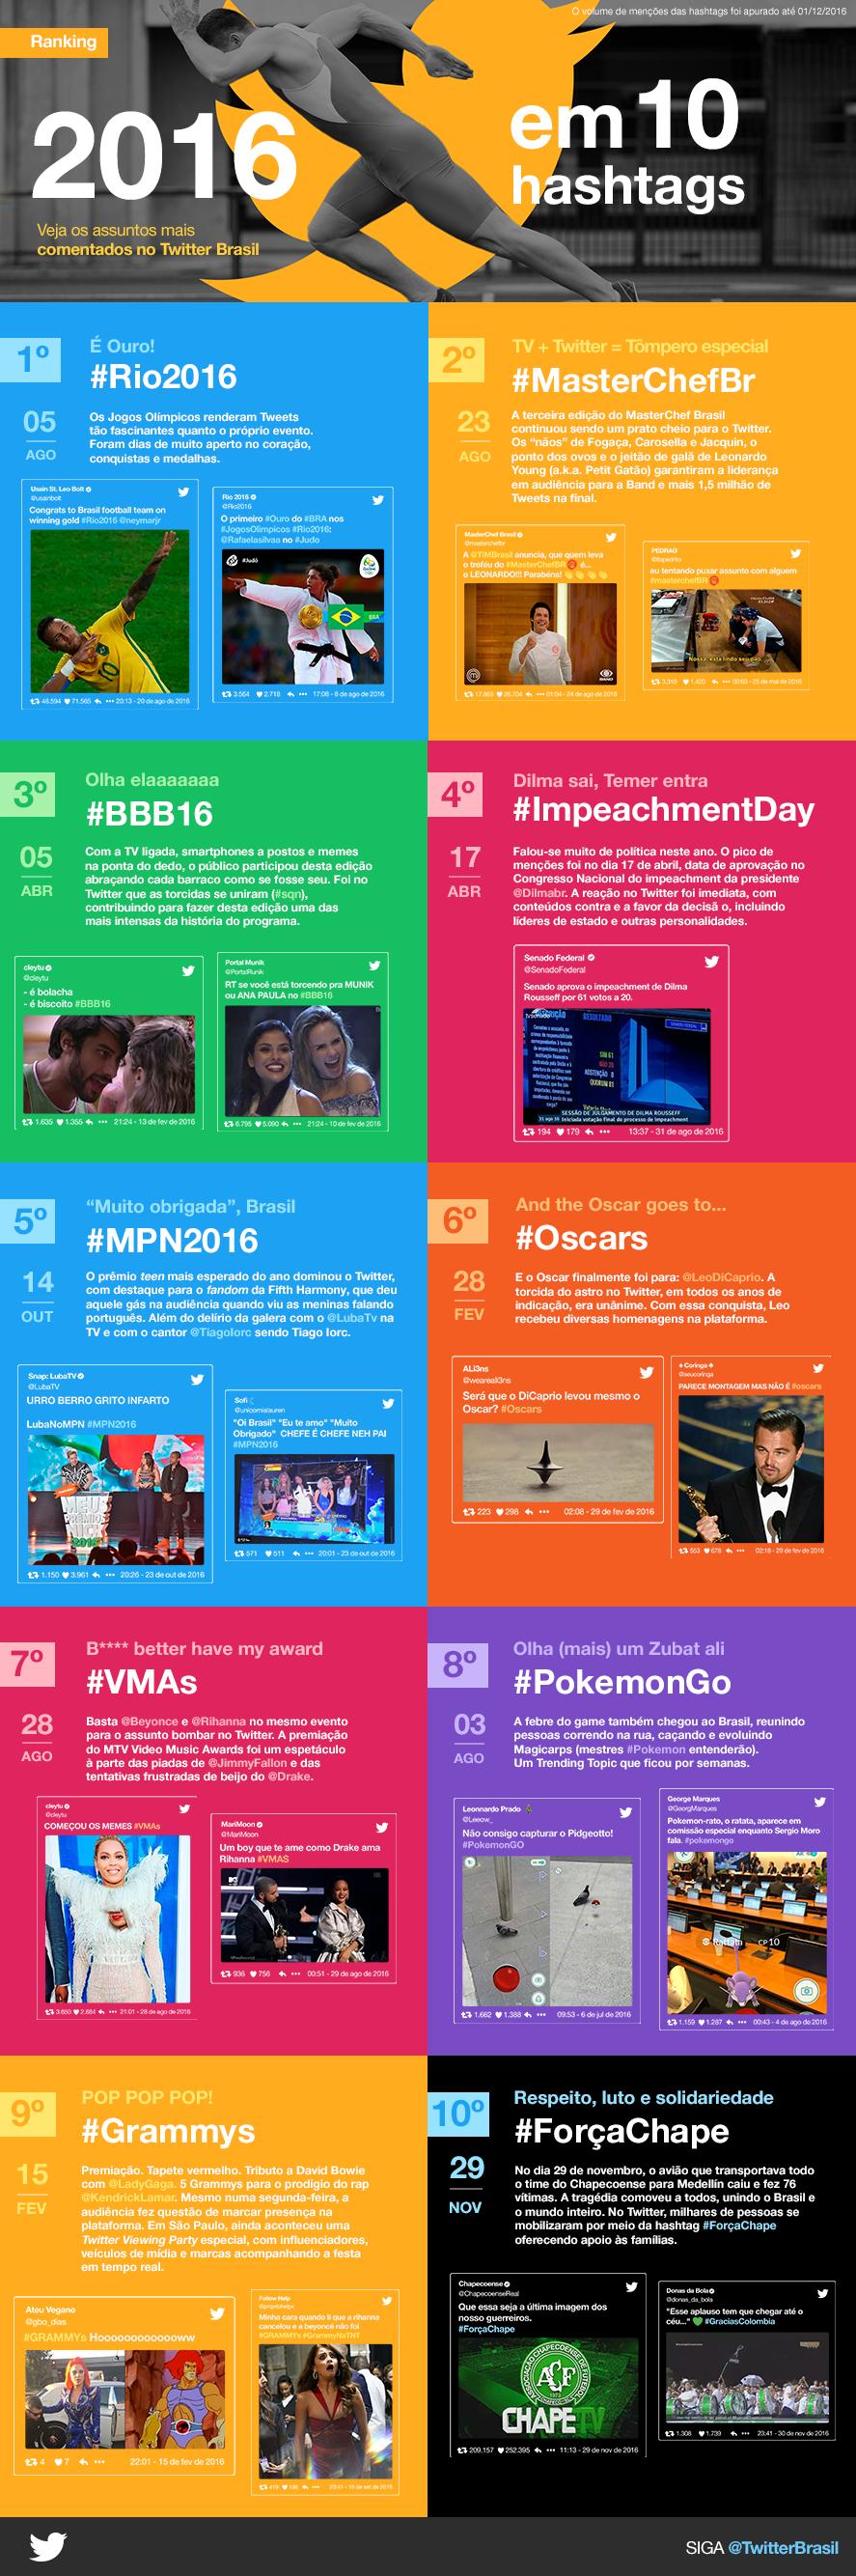 infografico-hashtags-mais-comentadas-twitter-2016